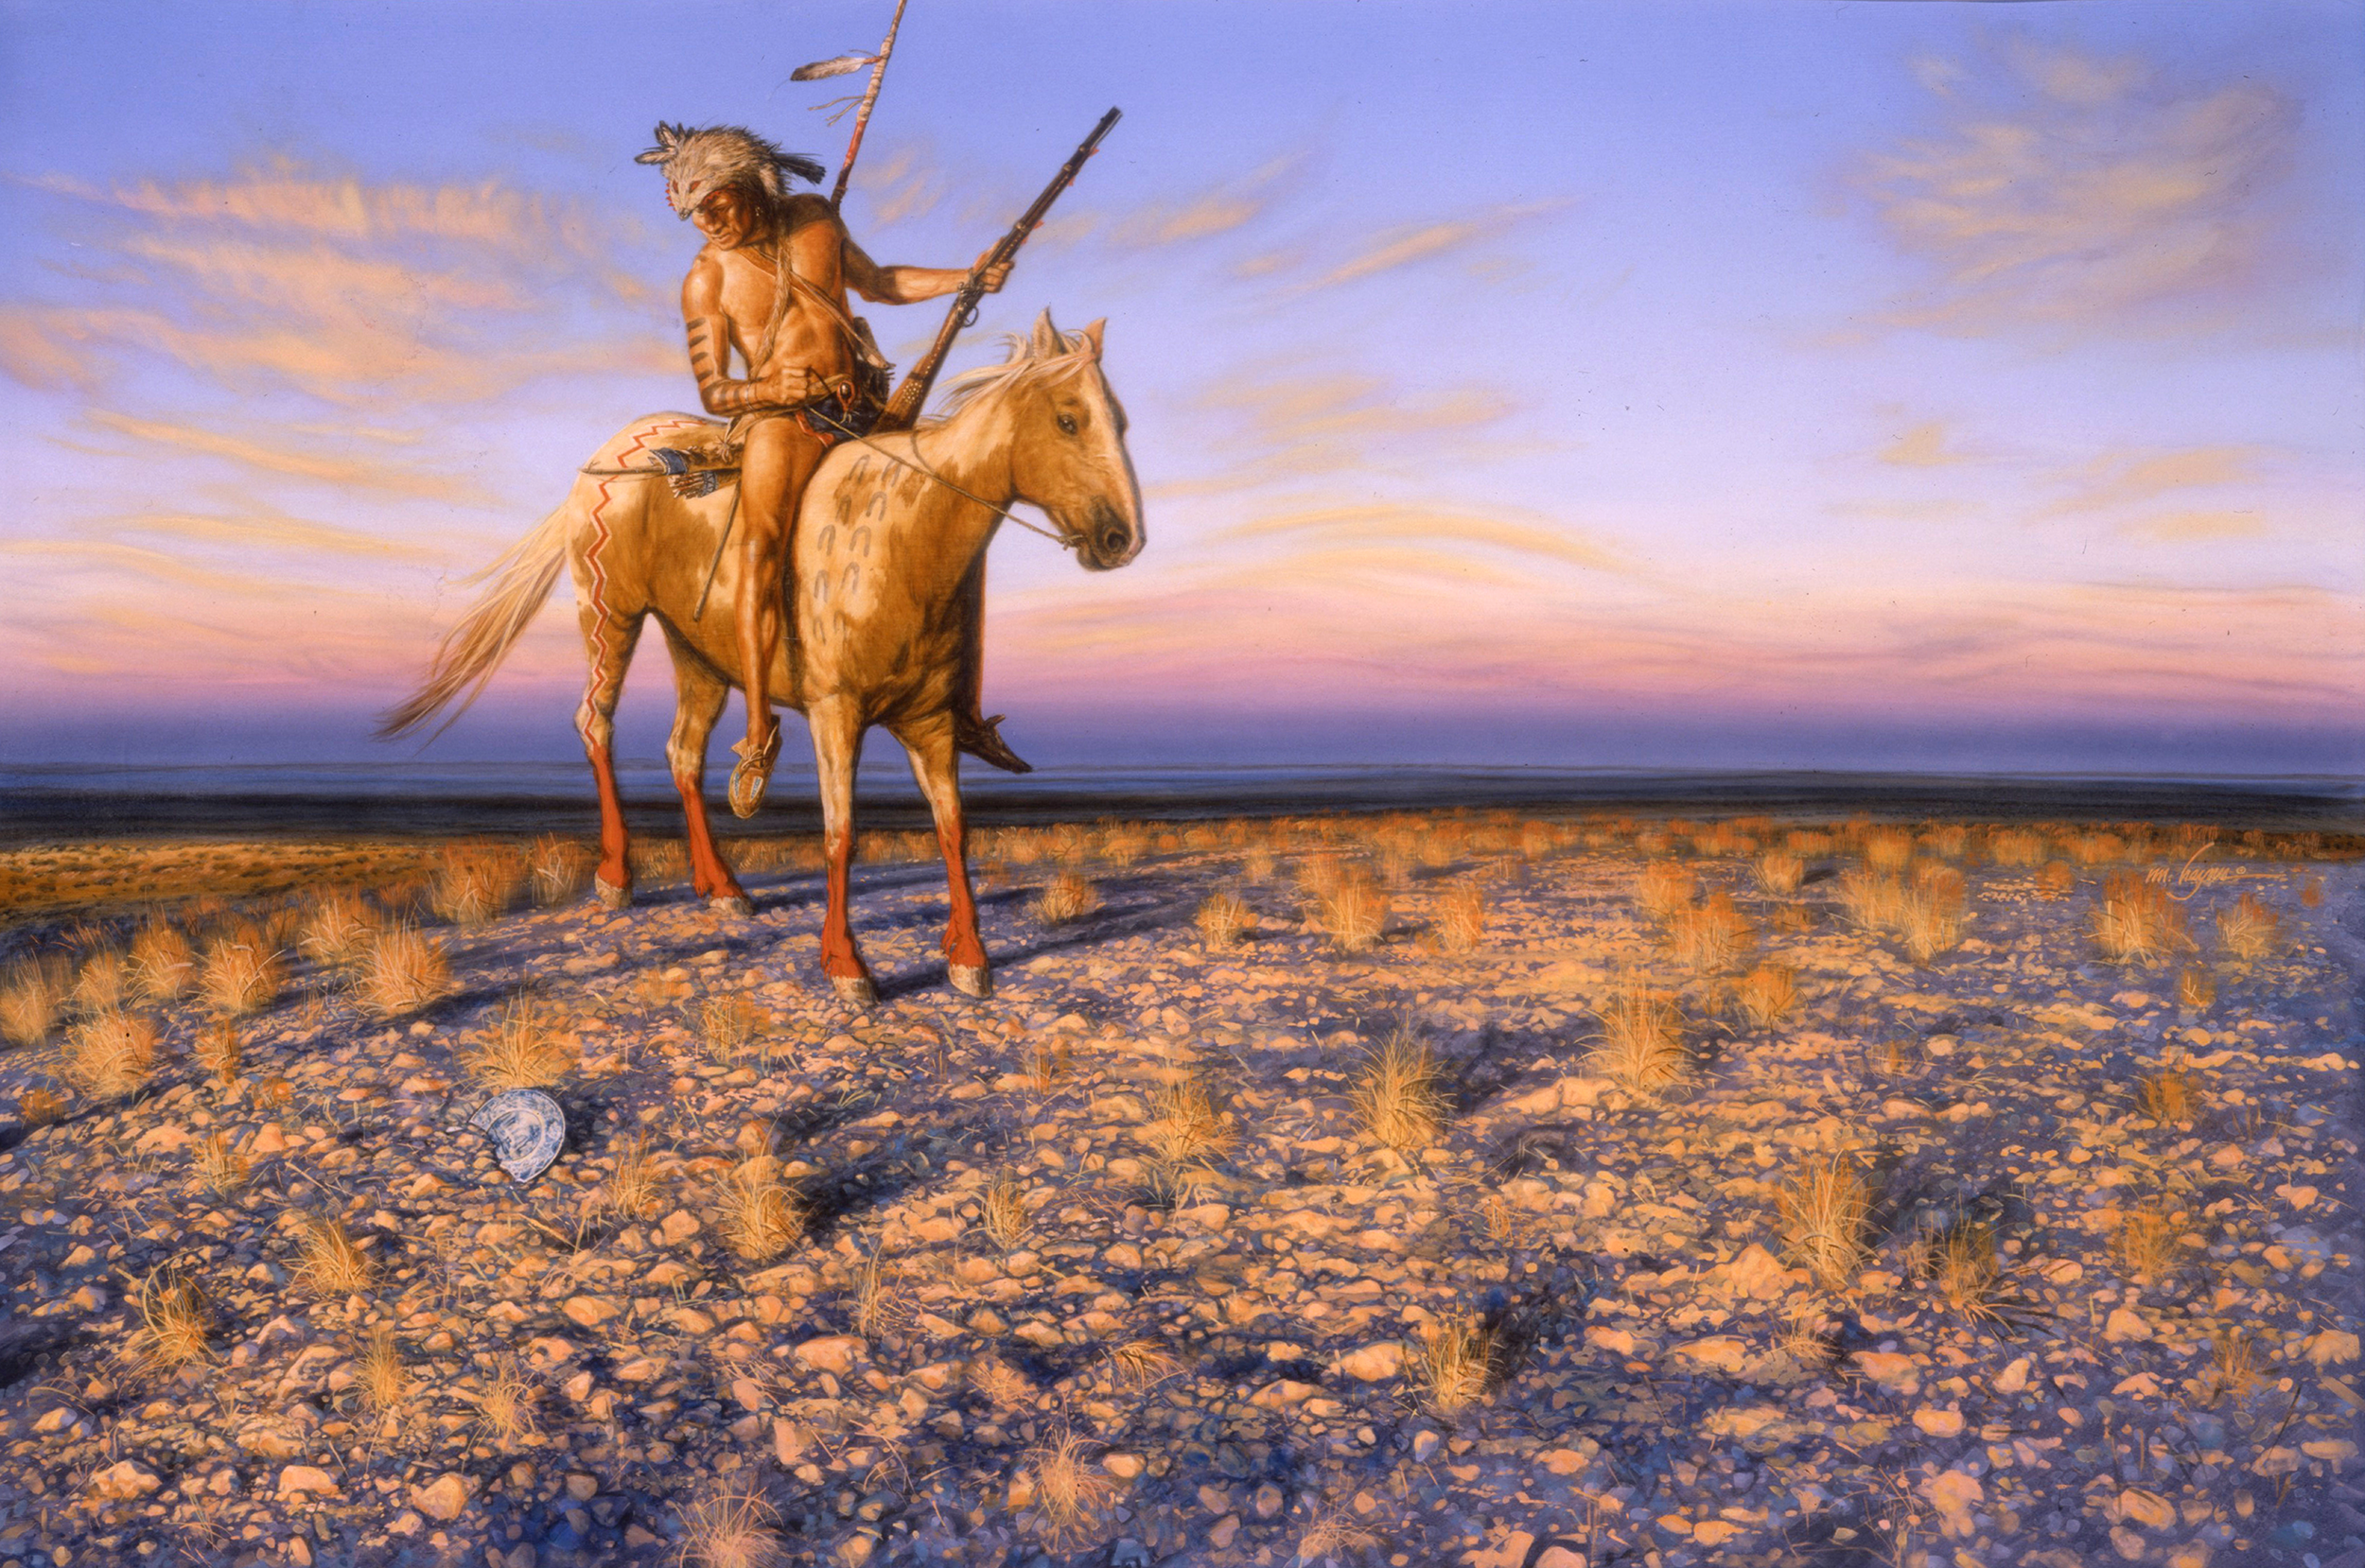 Wedgewood Sunset- Cheyenne Warrior